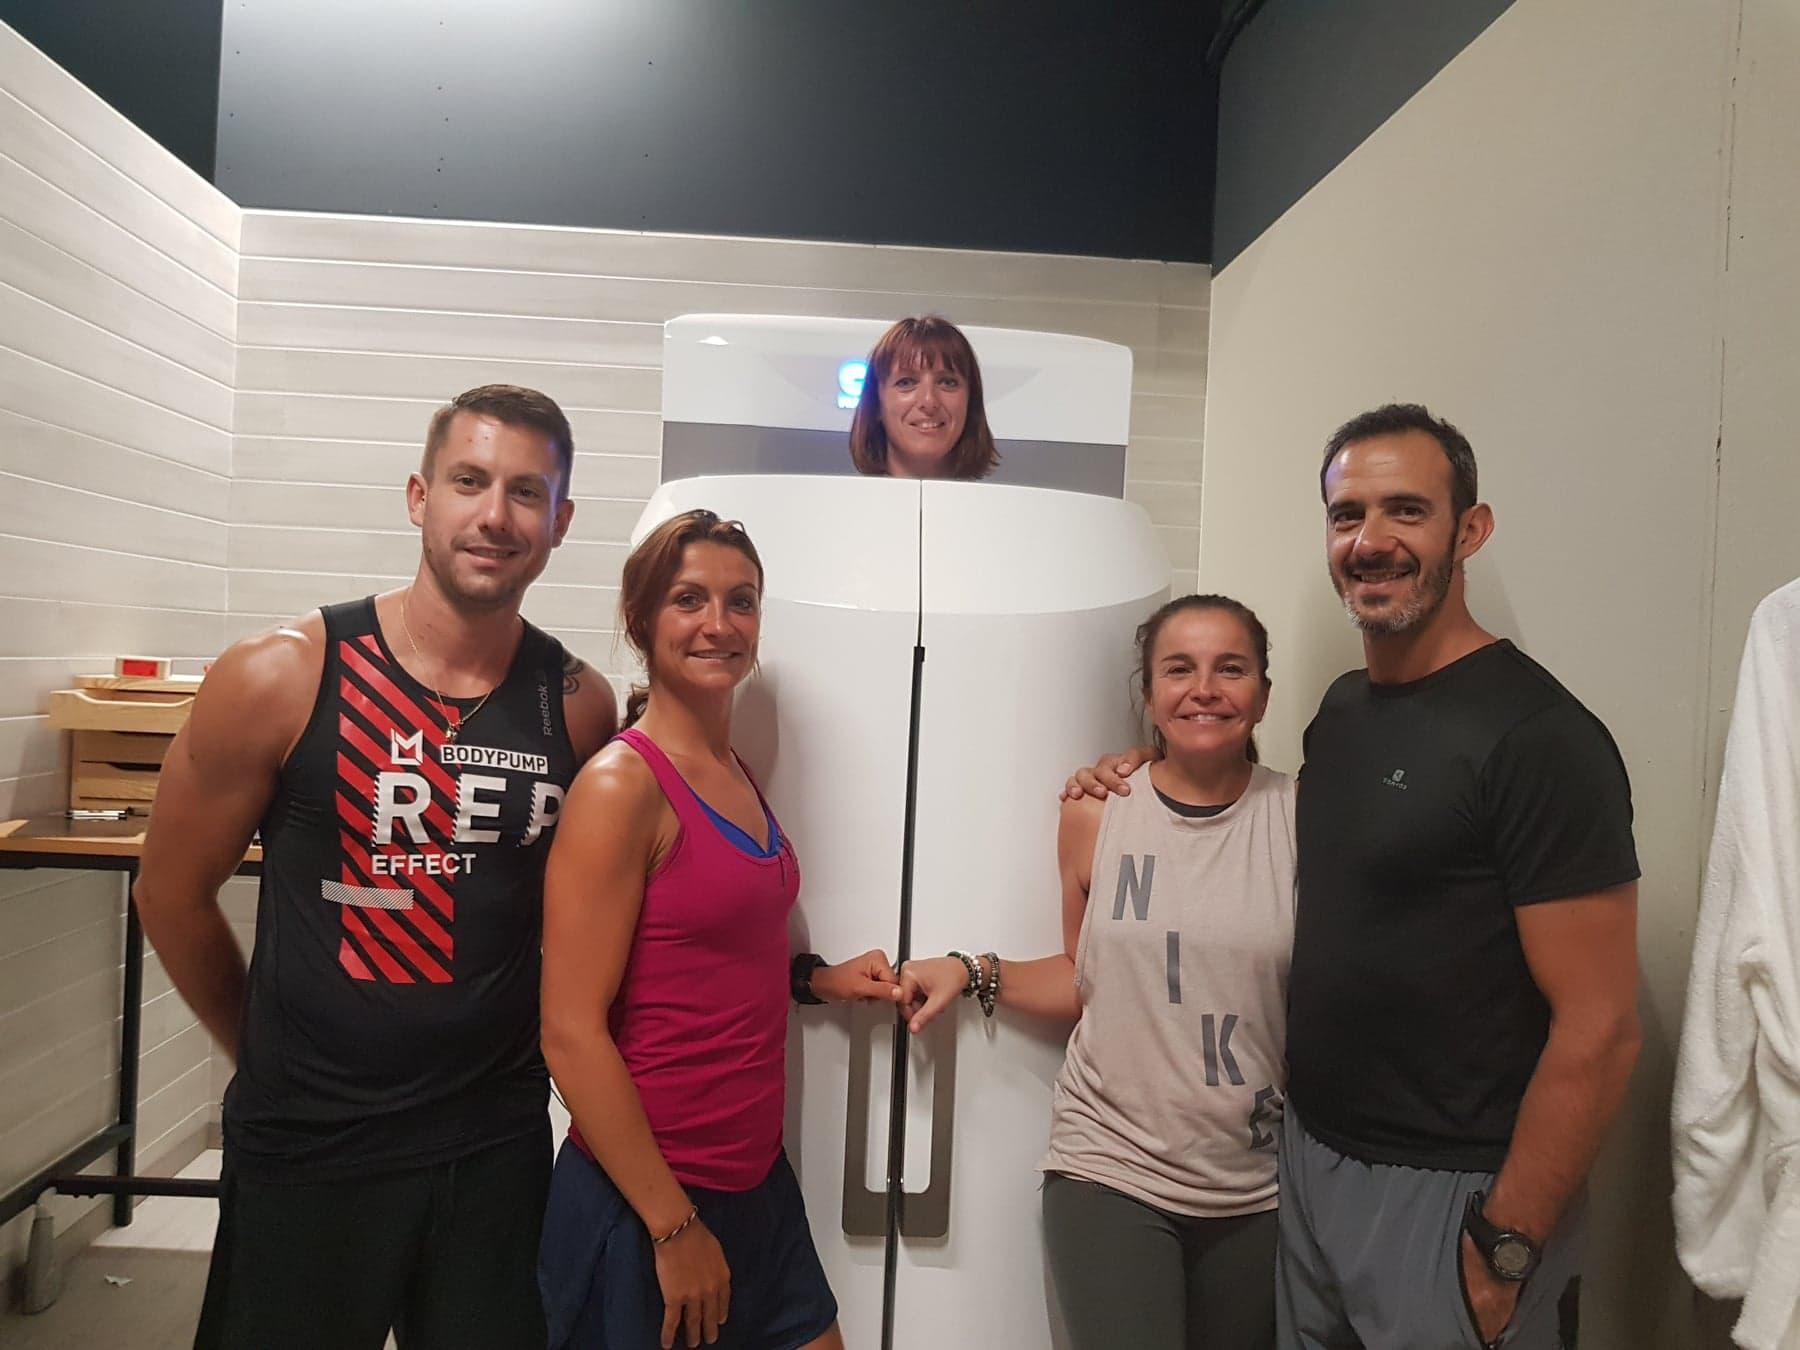 L'équipe du Loft9 à Ajaccio : Muriel , Morgane Jean et Thibault ainsi qu'Alexis absent sur la photo .